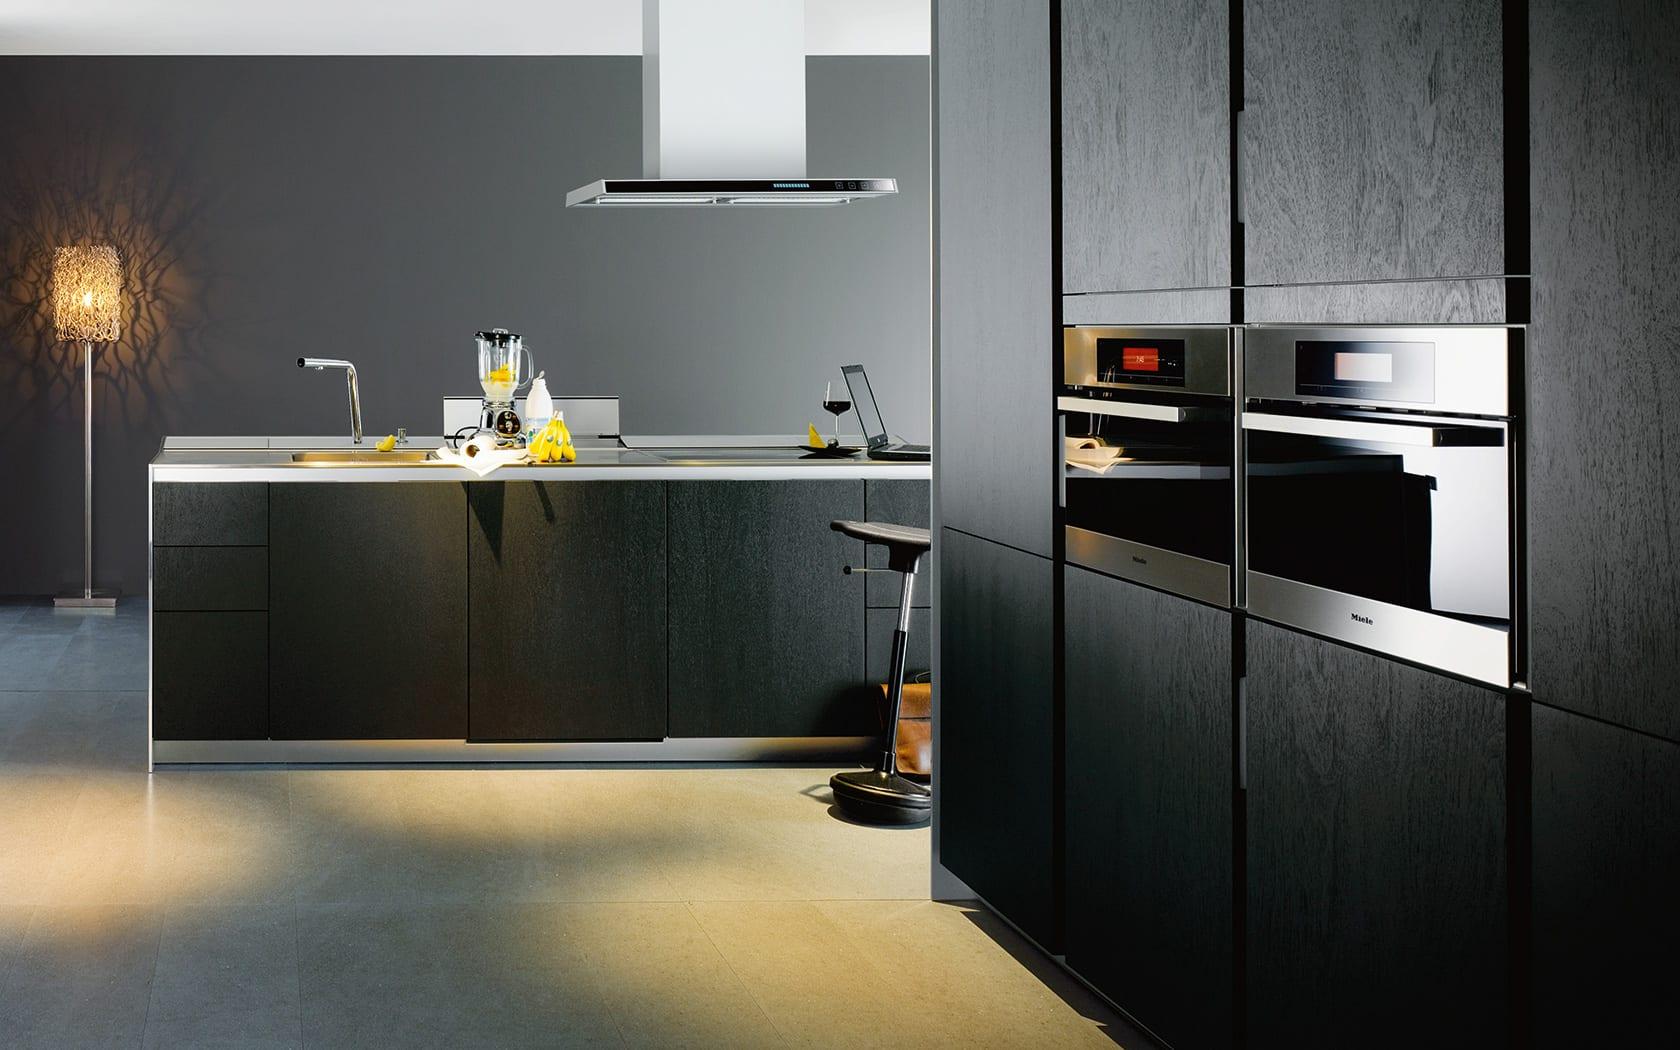 küche mit kochinsel in schwarz-küchen aktuell